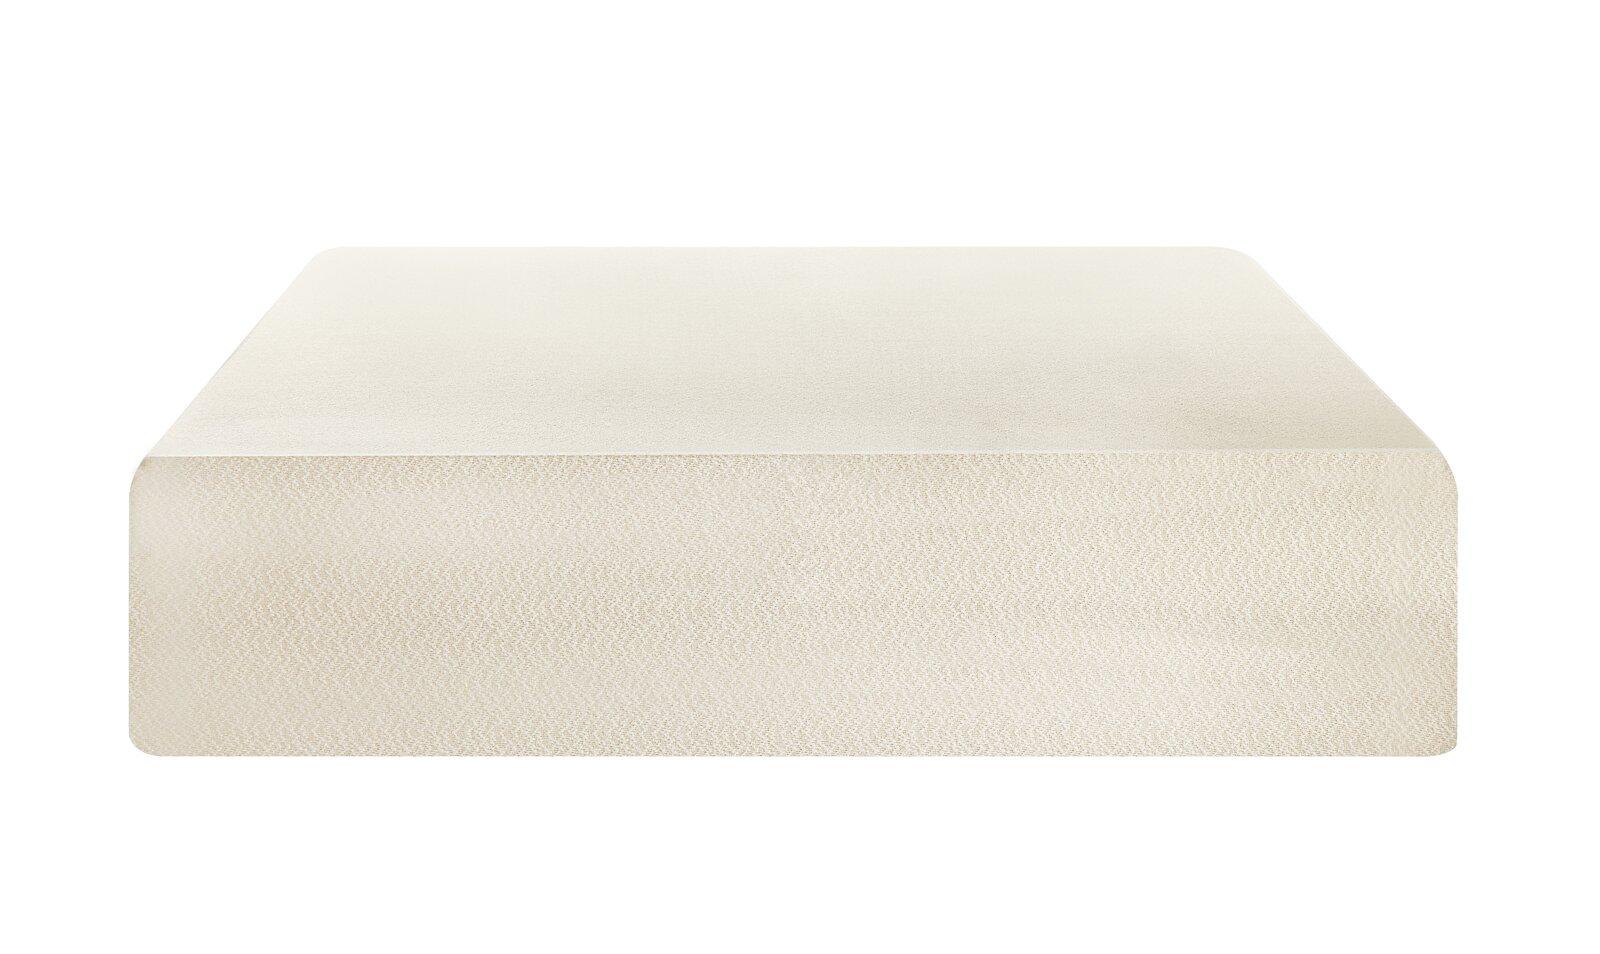 Medium Firm Memory Foam Mattress